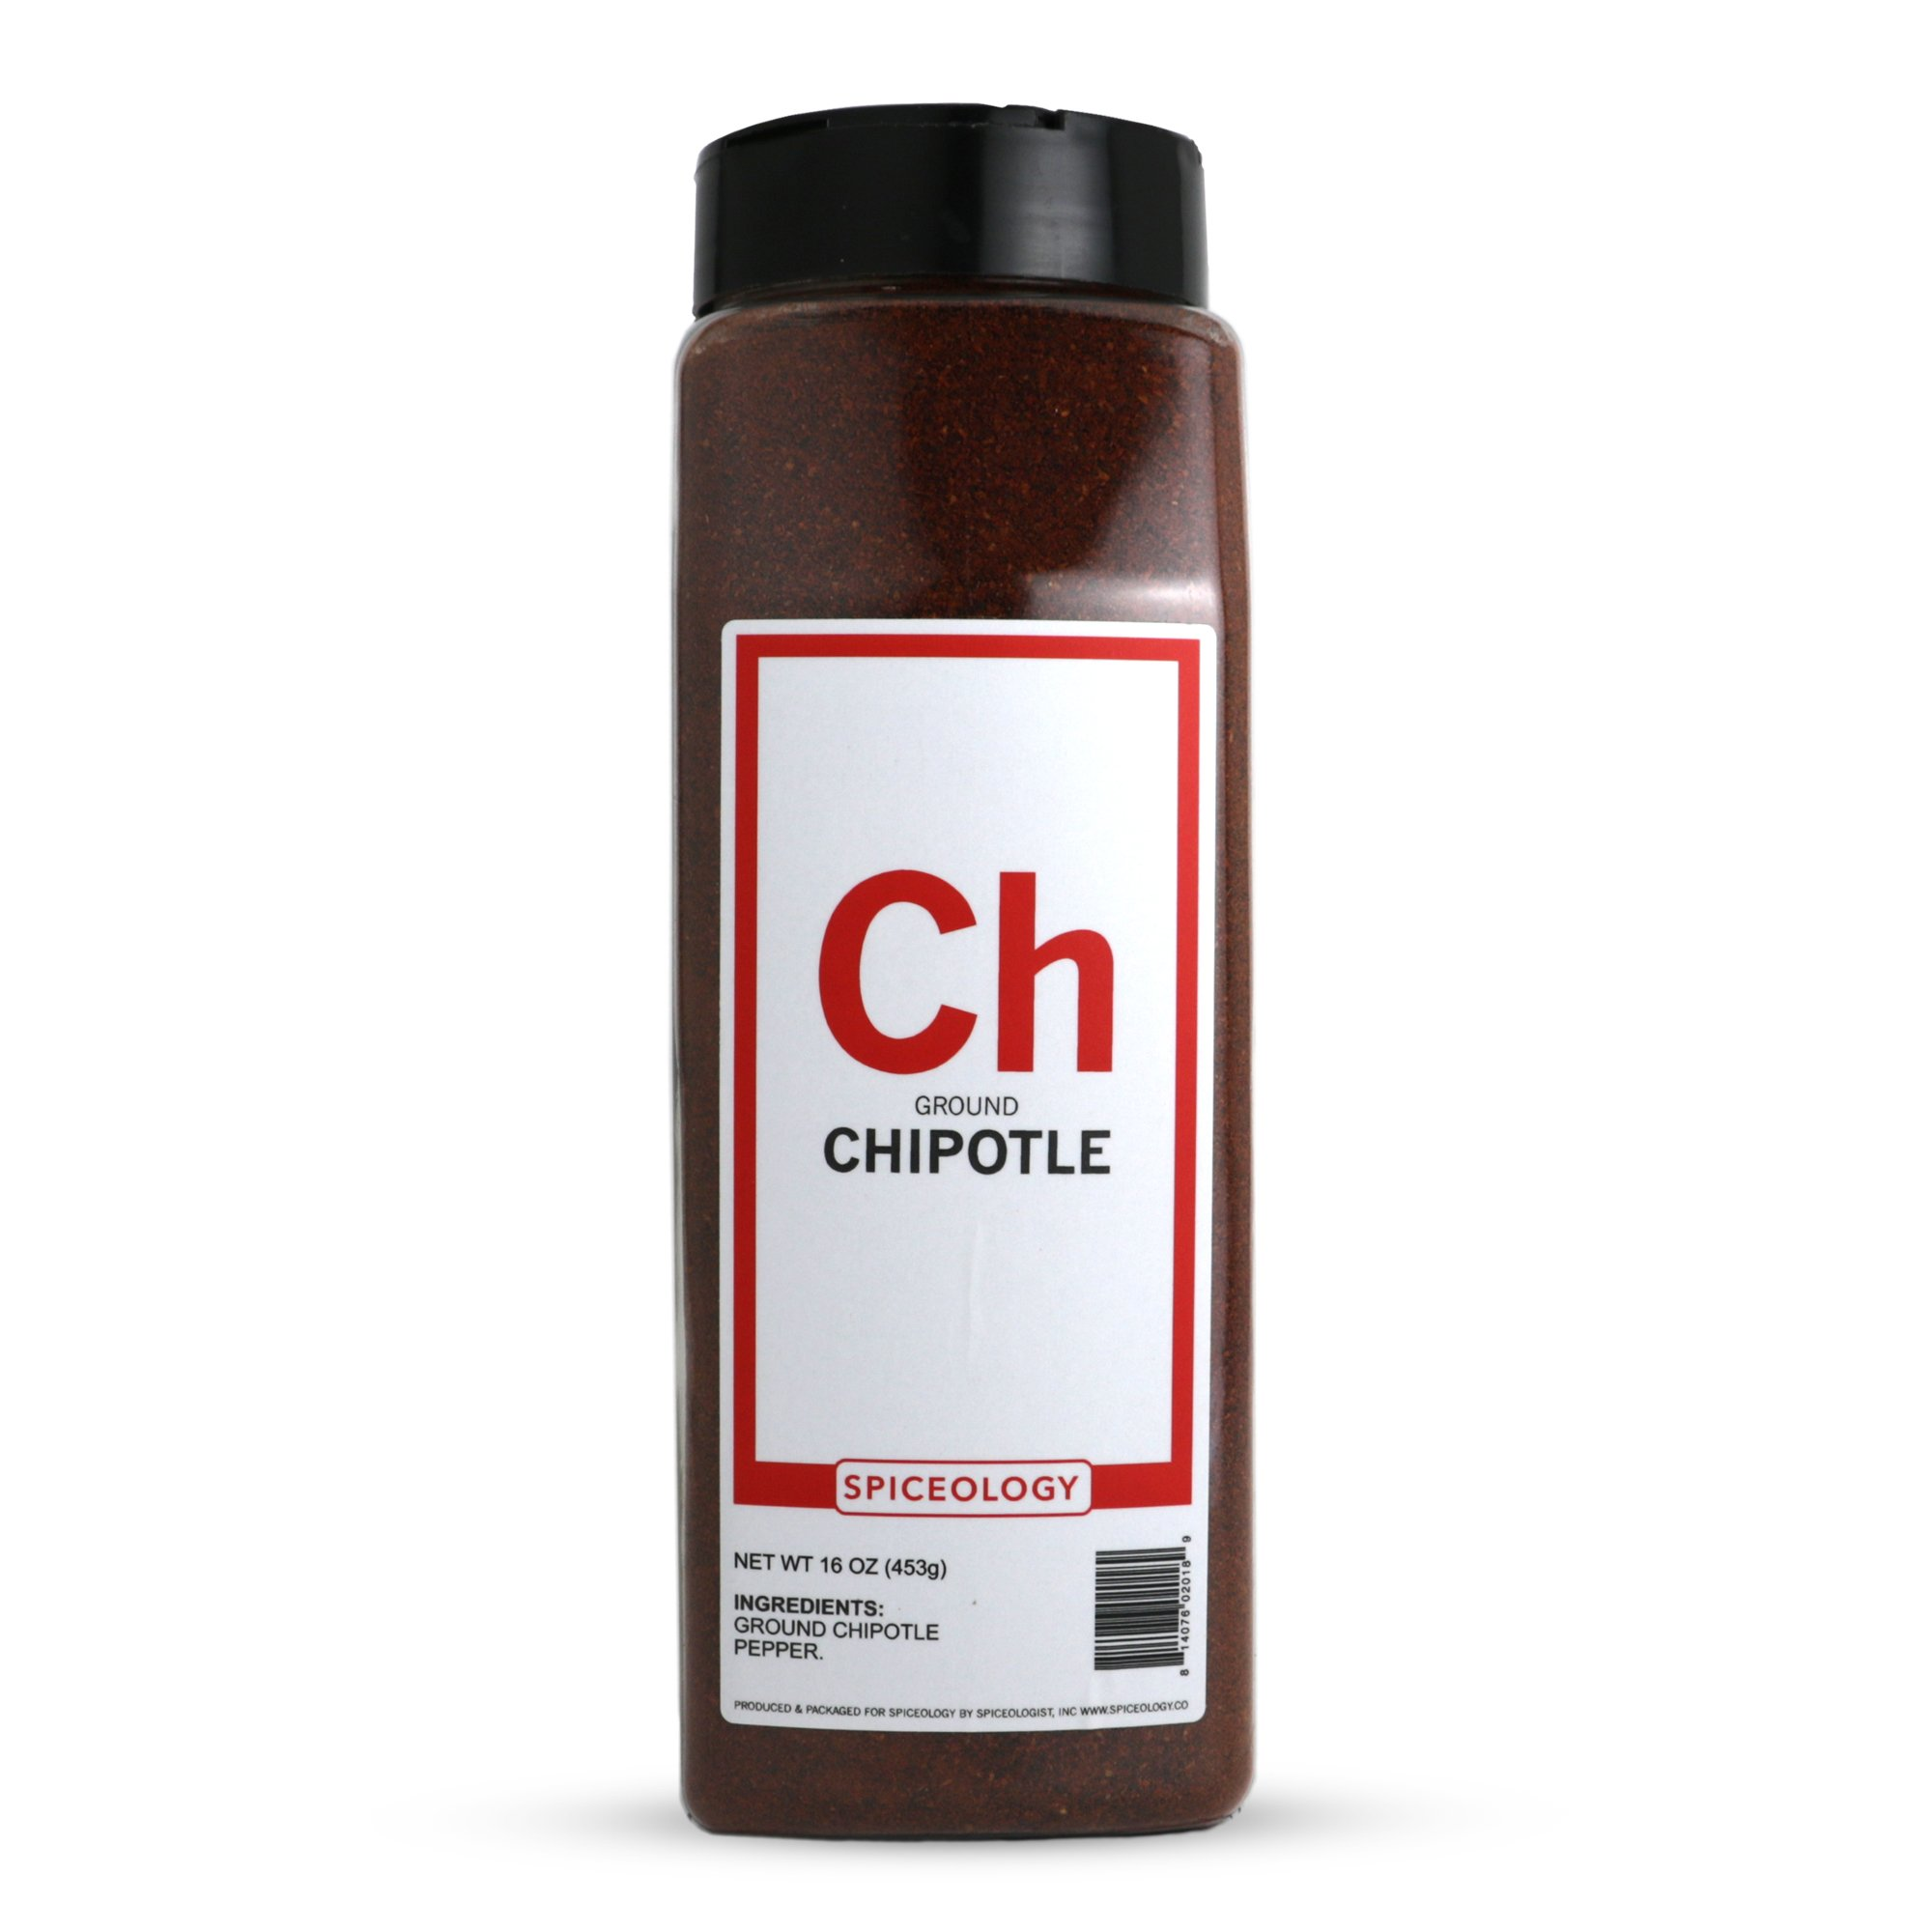 Spiceology Premium Spices - Ground Chipotle Powder, 16 oz